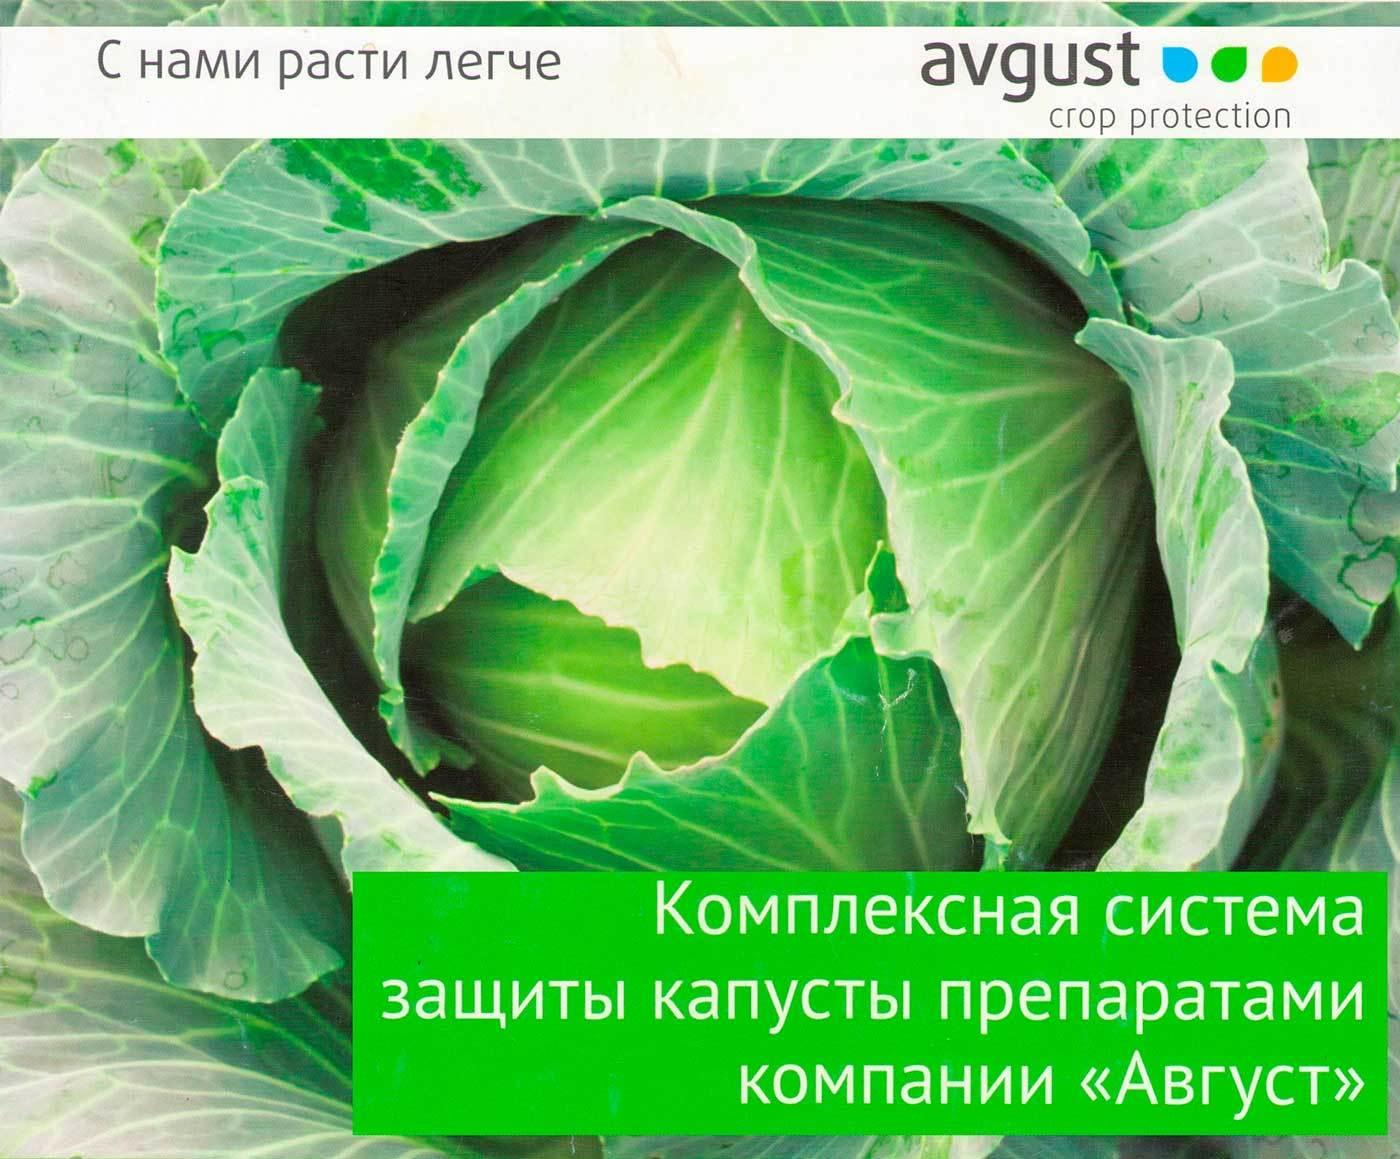 """Защита капусты препаратами компании """"Август"""""""